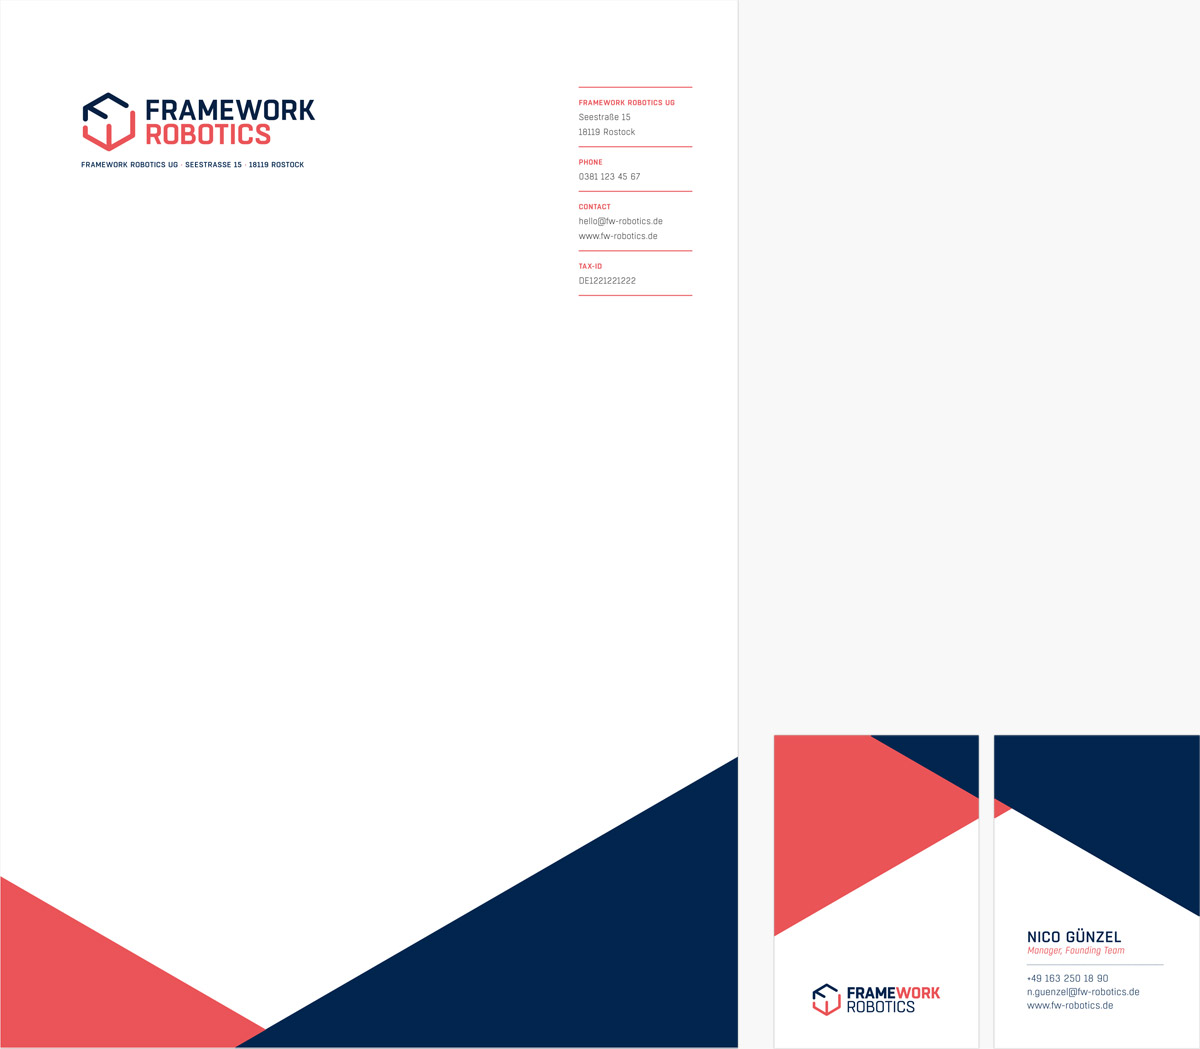 Das Bild zeigt das finale Design der Geschäftsausstattung für den Kunden FRAMEWORK Robotics. Die Geschäftsausstattung beinhaltet Briefbogen und Visitenkarten.